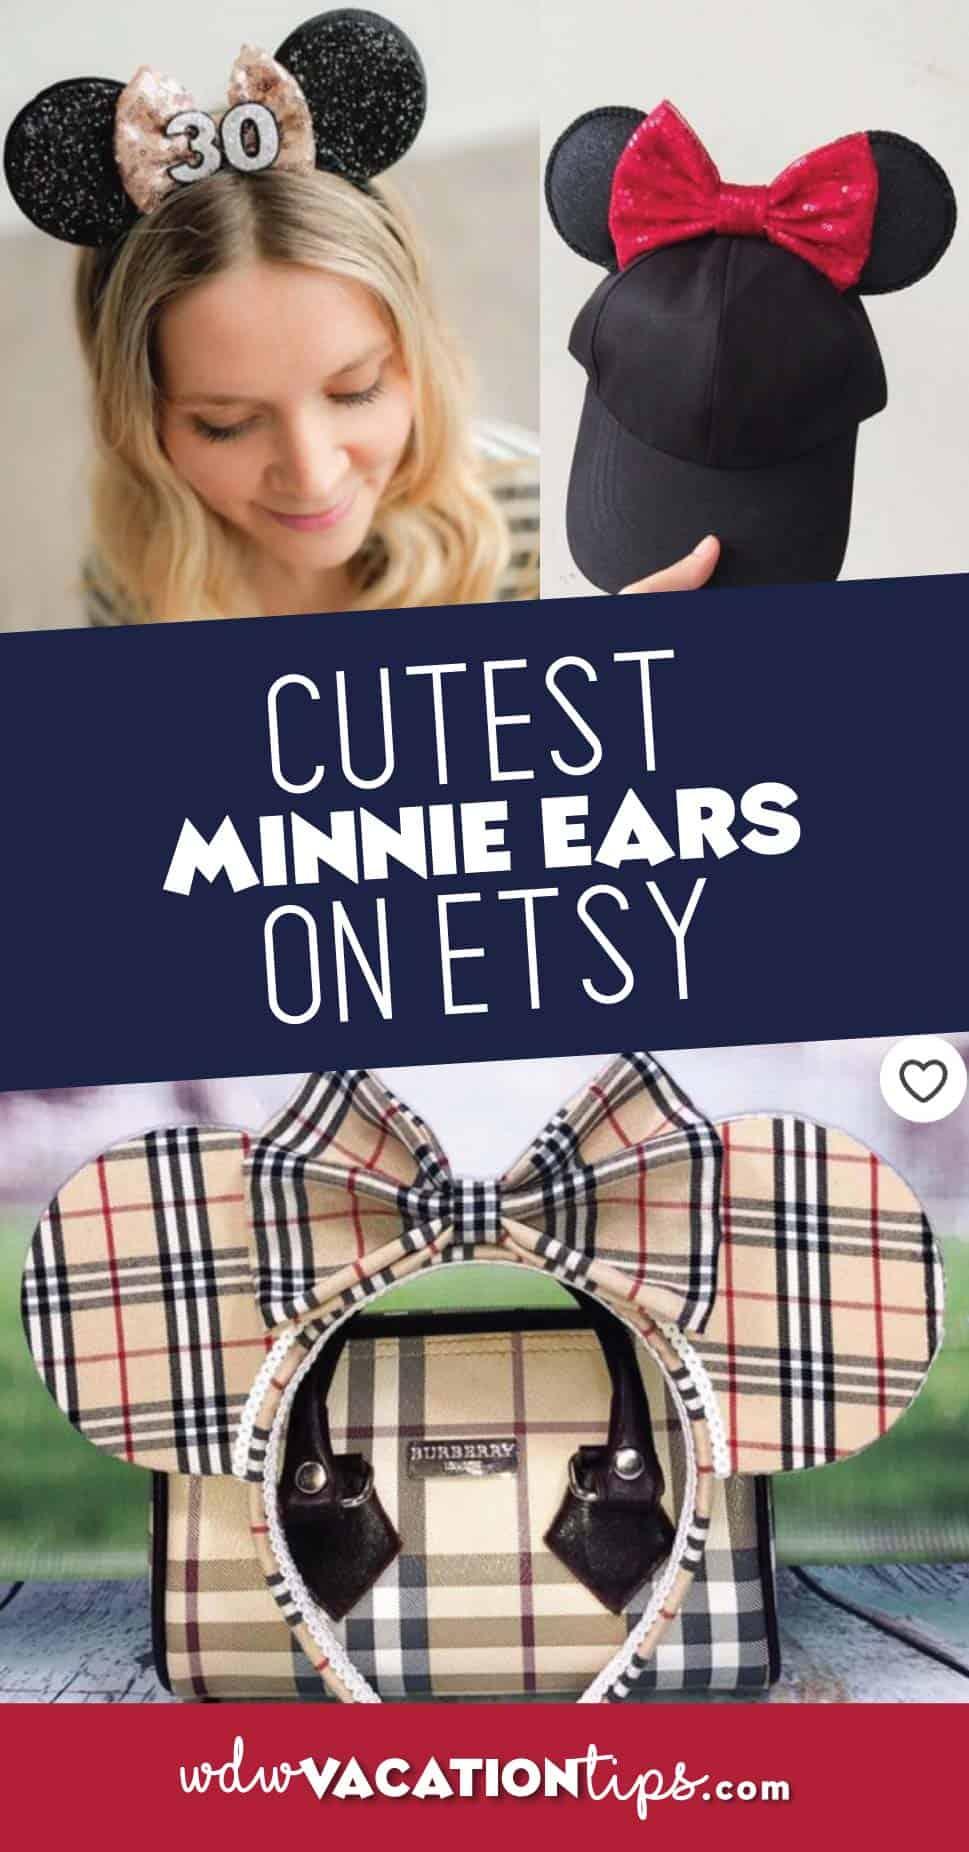 Cutest Minnie Ears on Esty